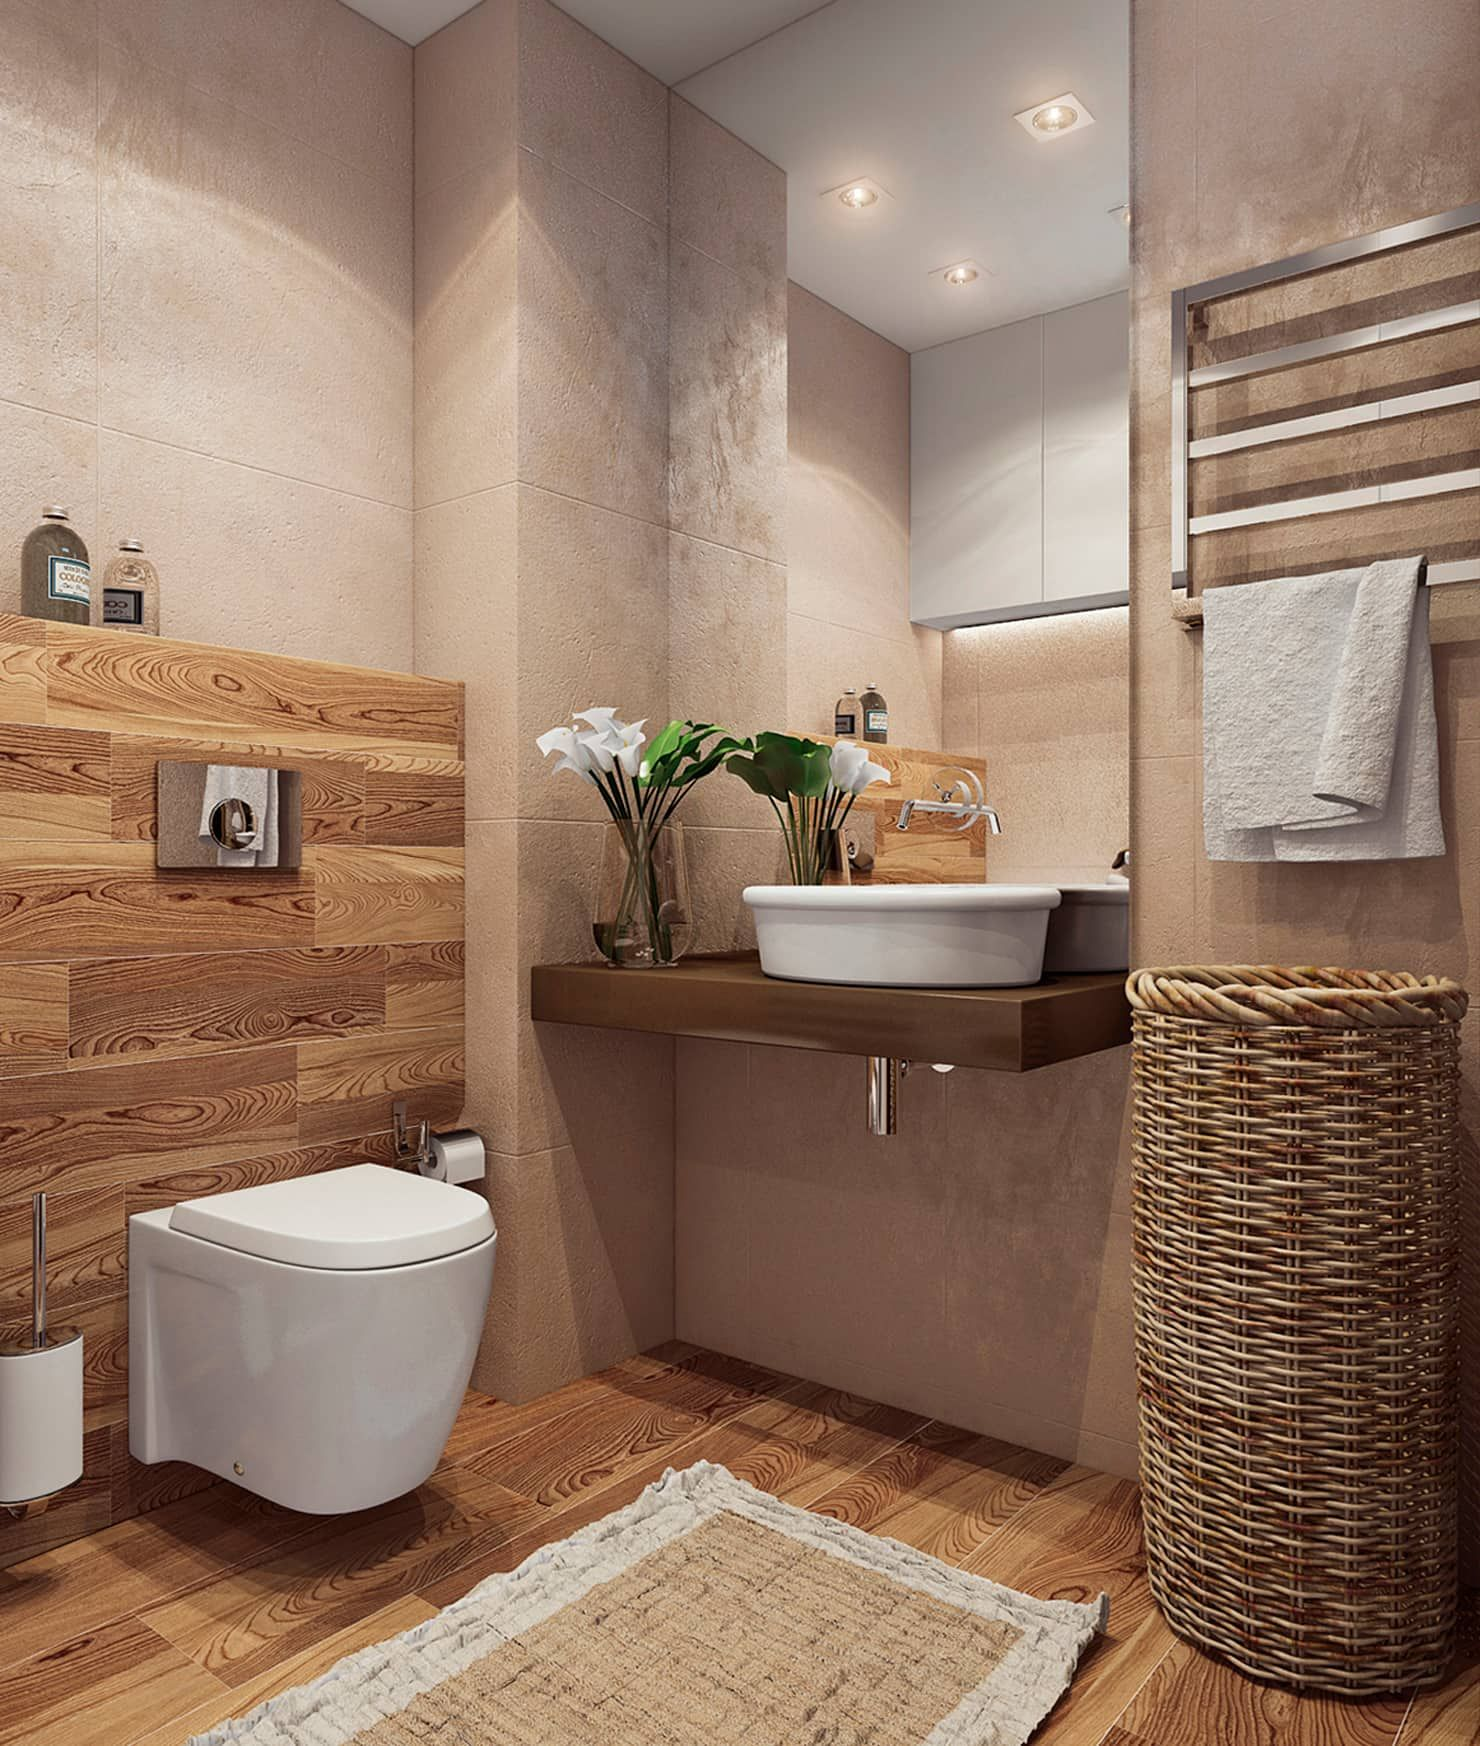 Idee Arredamento Casa & Interior Design   Pinterest   Bagni, Bagno e ...